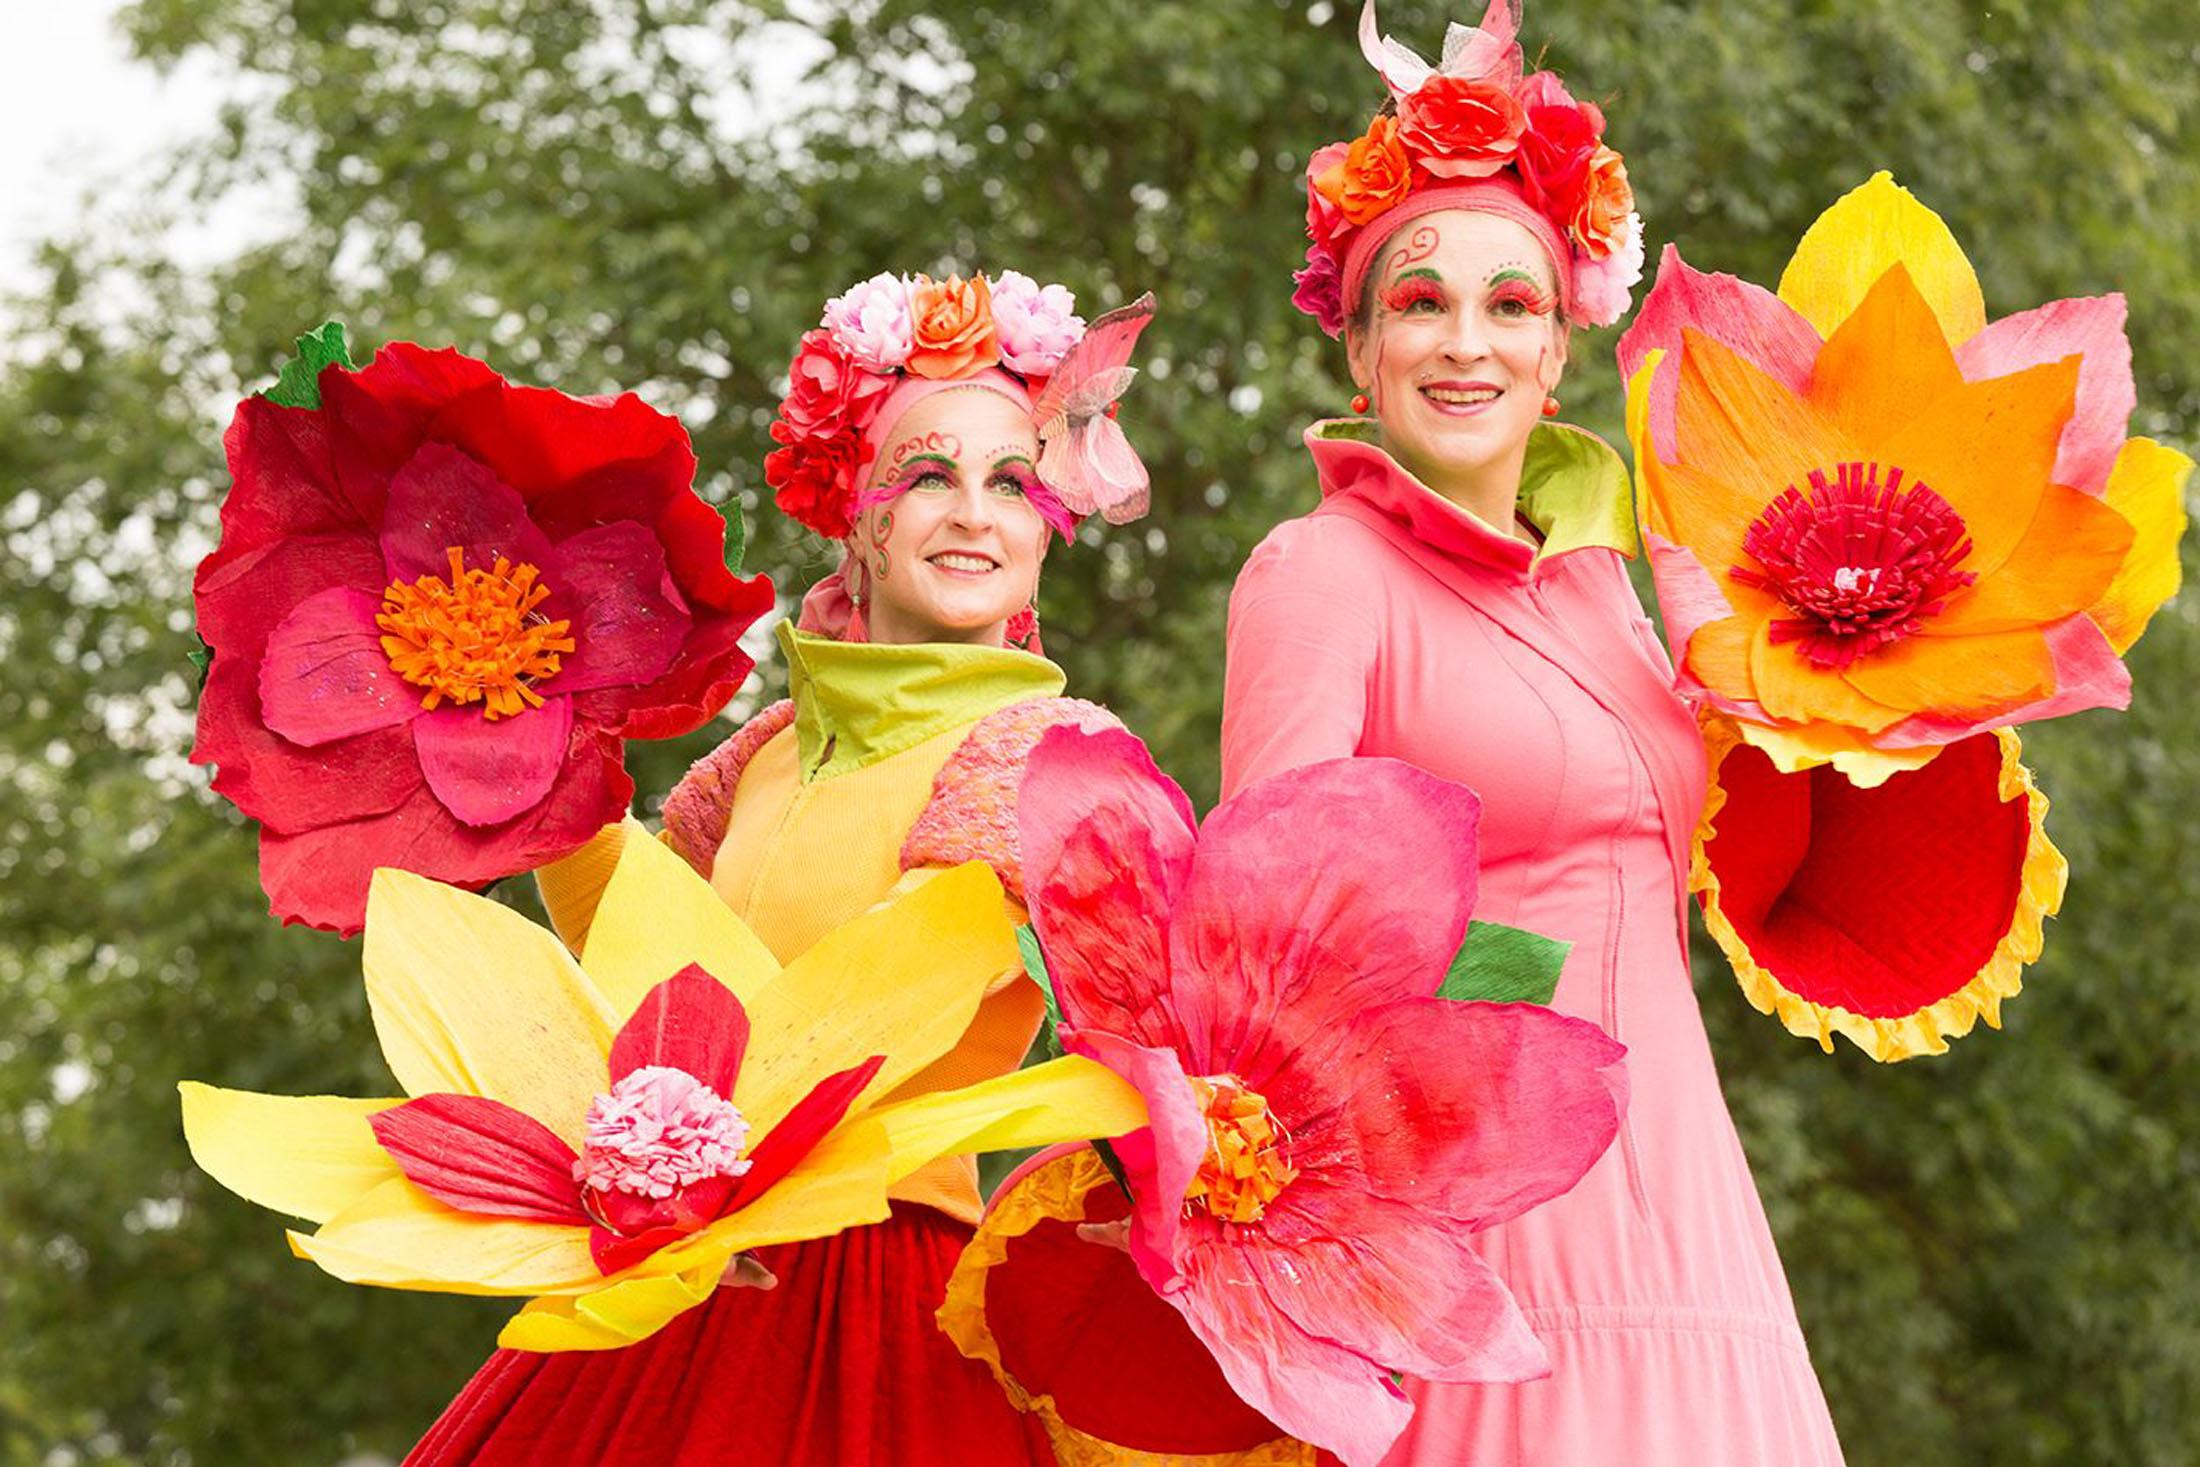 Festival in Deggendorf - Donaufest in Deggendorf